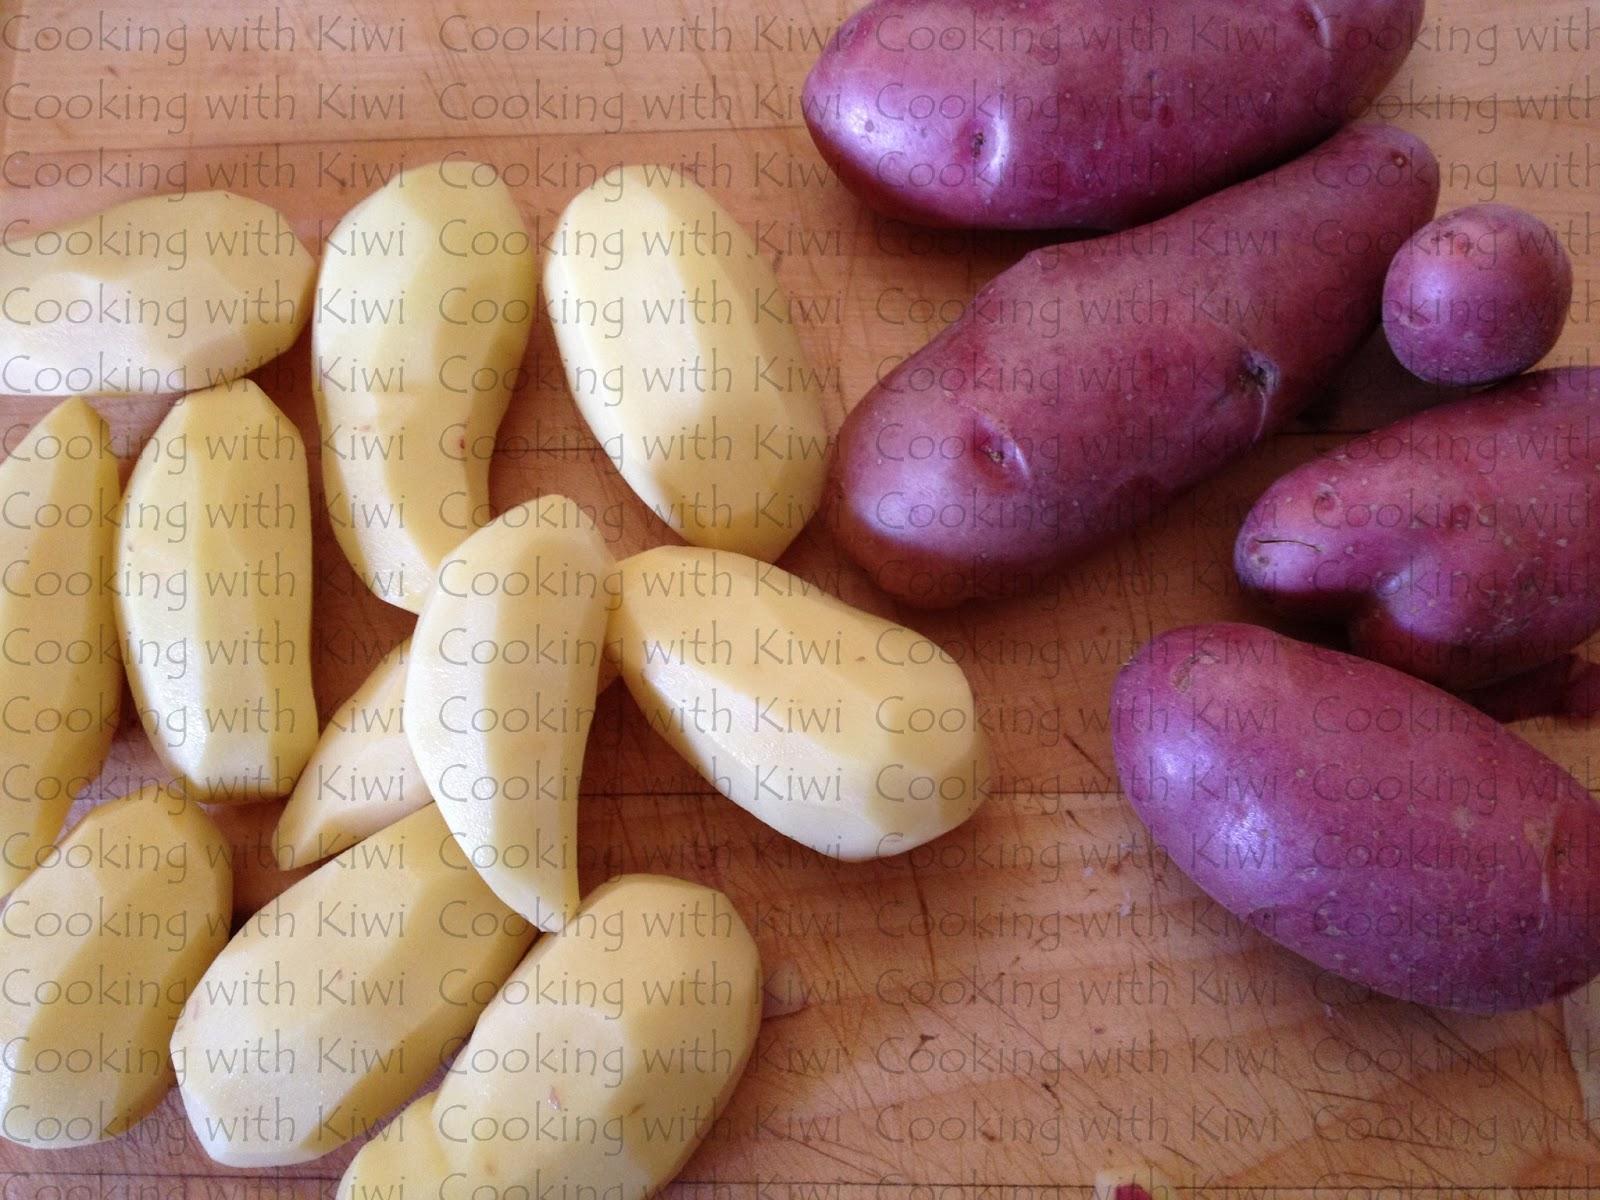 Cooking with kiwi patatas a la inglesa - Cuanto tarda en cocer una patata ...